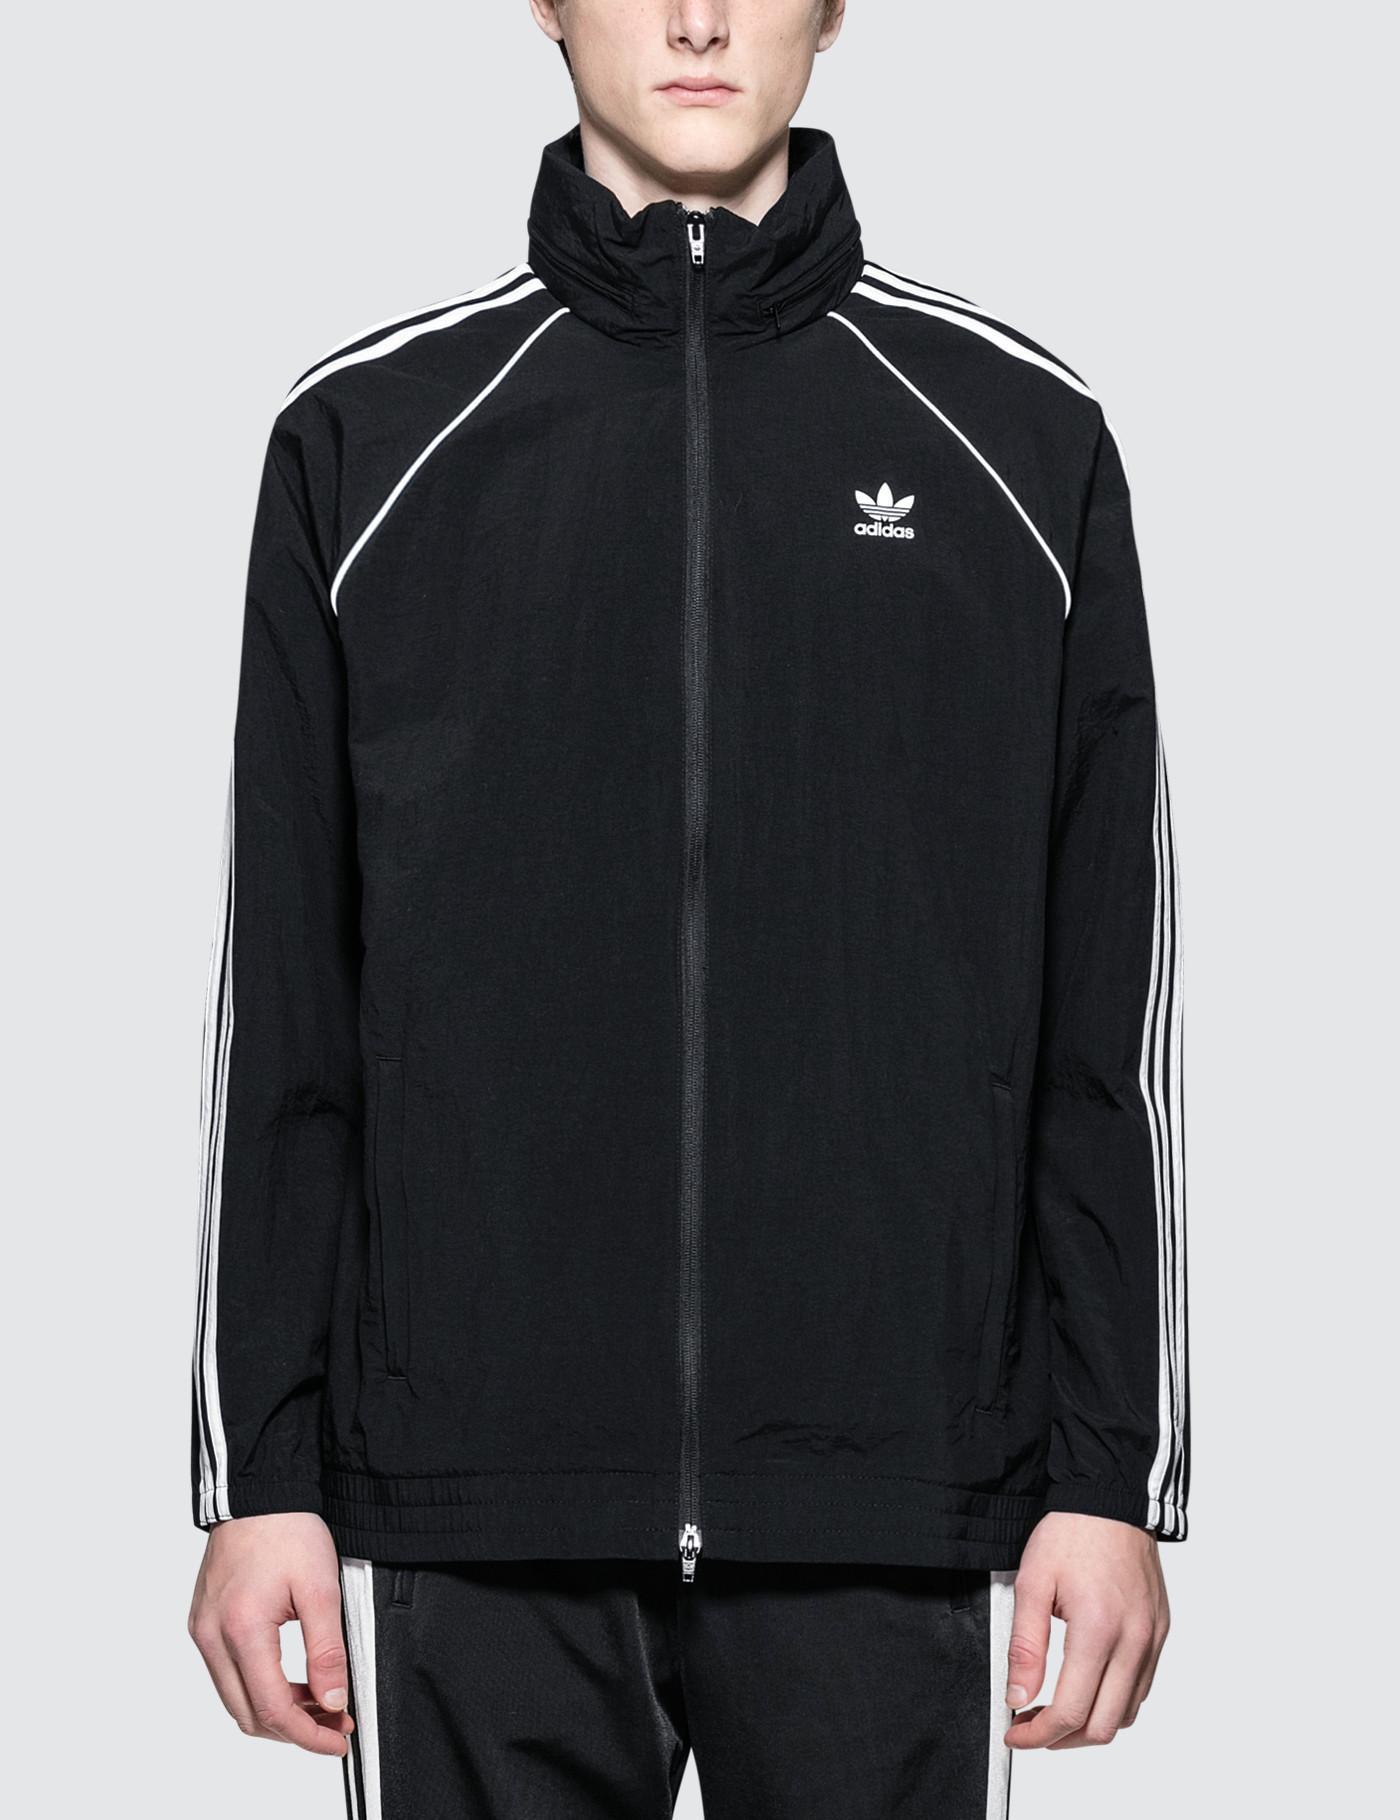 27fe46d75778 adidas Originals Sst Windbreaker Jacket - Mens S in Black for Men ...